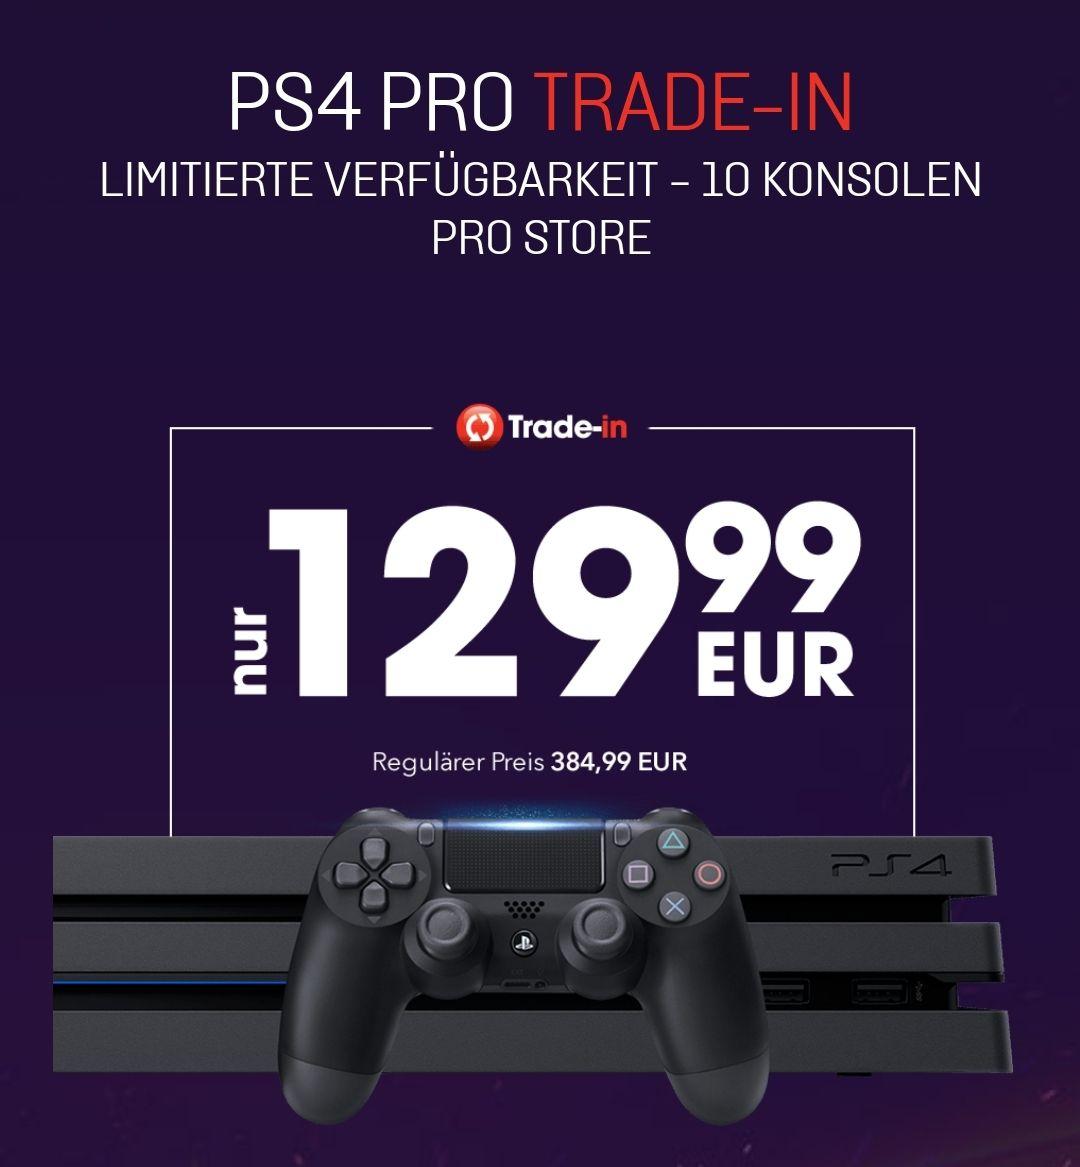 Gamestop Ps4 Pro Trade-In. PS4 + 3 Spiele + 129,99€ für eine PS4 Pro!